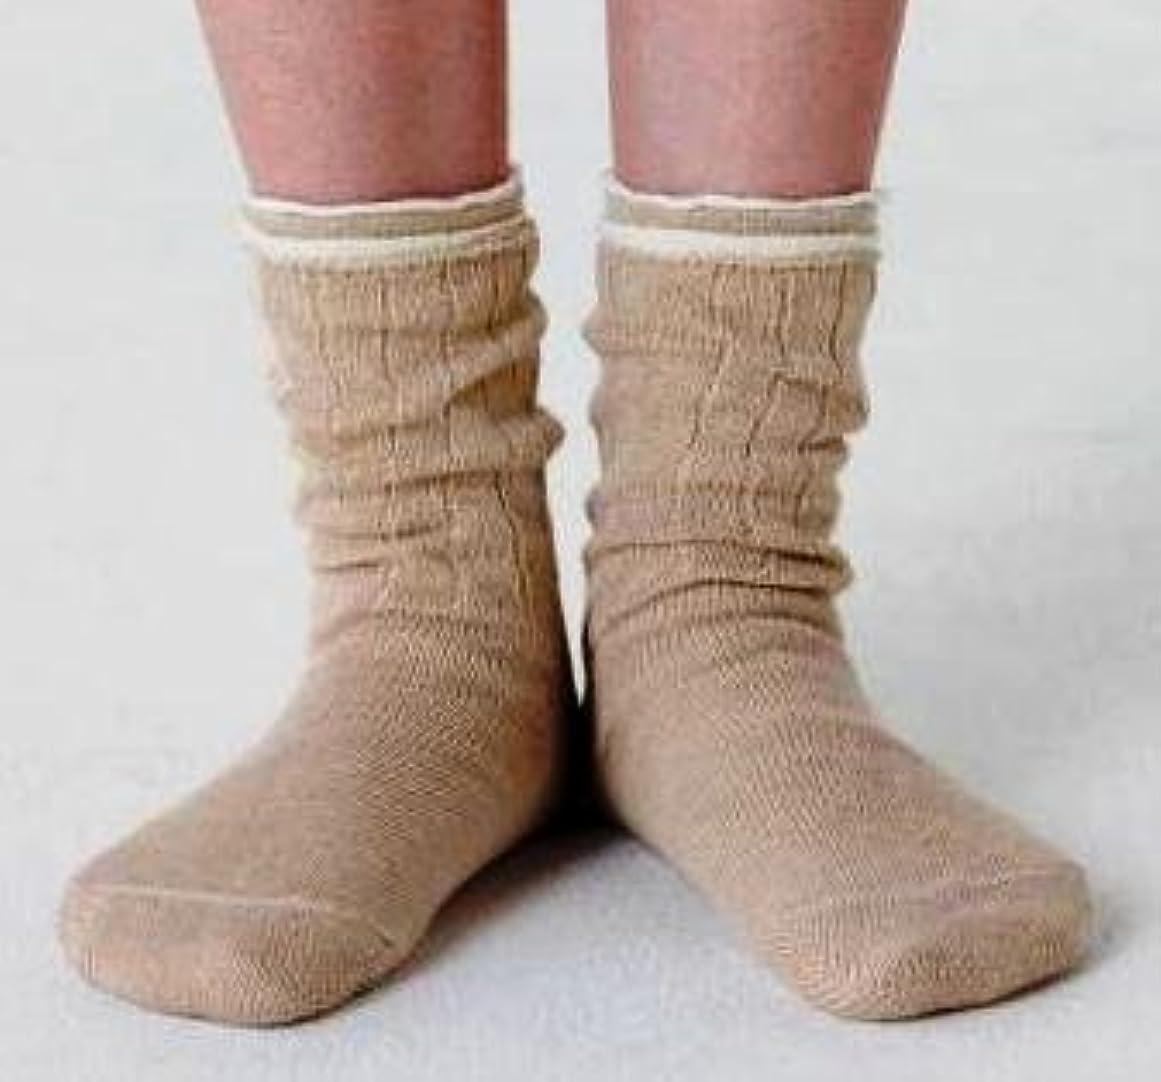 異形レジデンスアルコーブ冷え取り靴下 4枚重ね履きソックス(絹?綿?絹?綿) サイズ:22~24.5cm